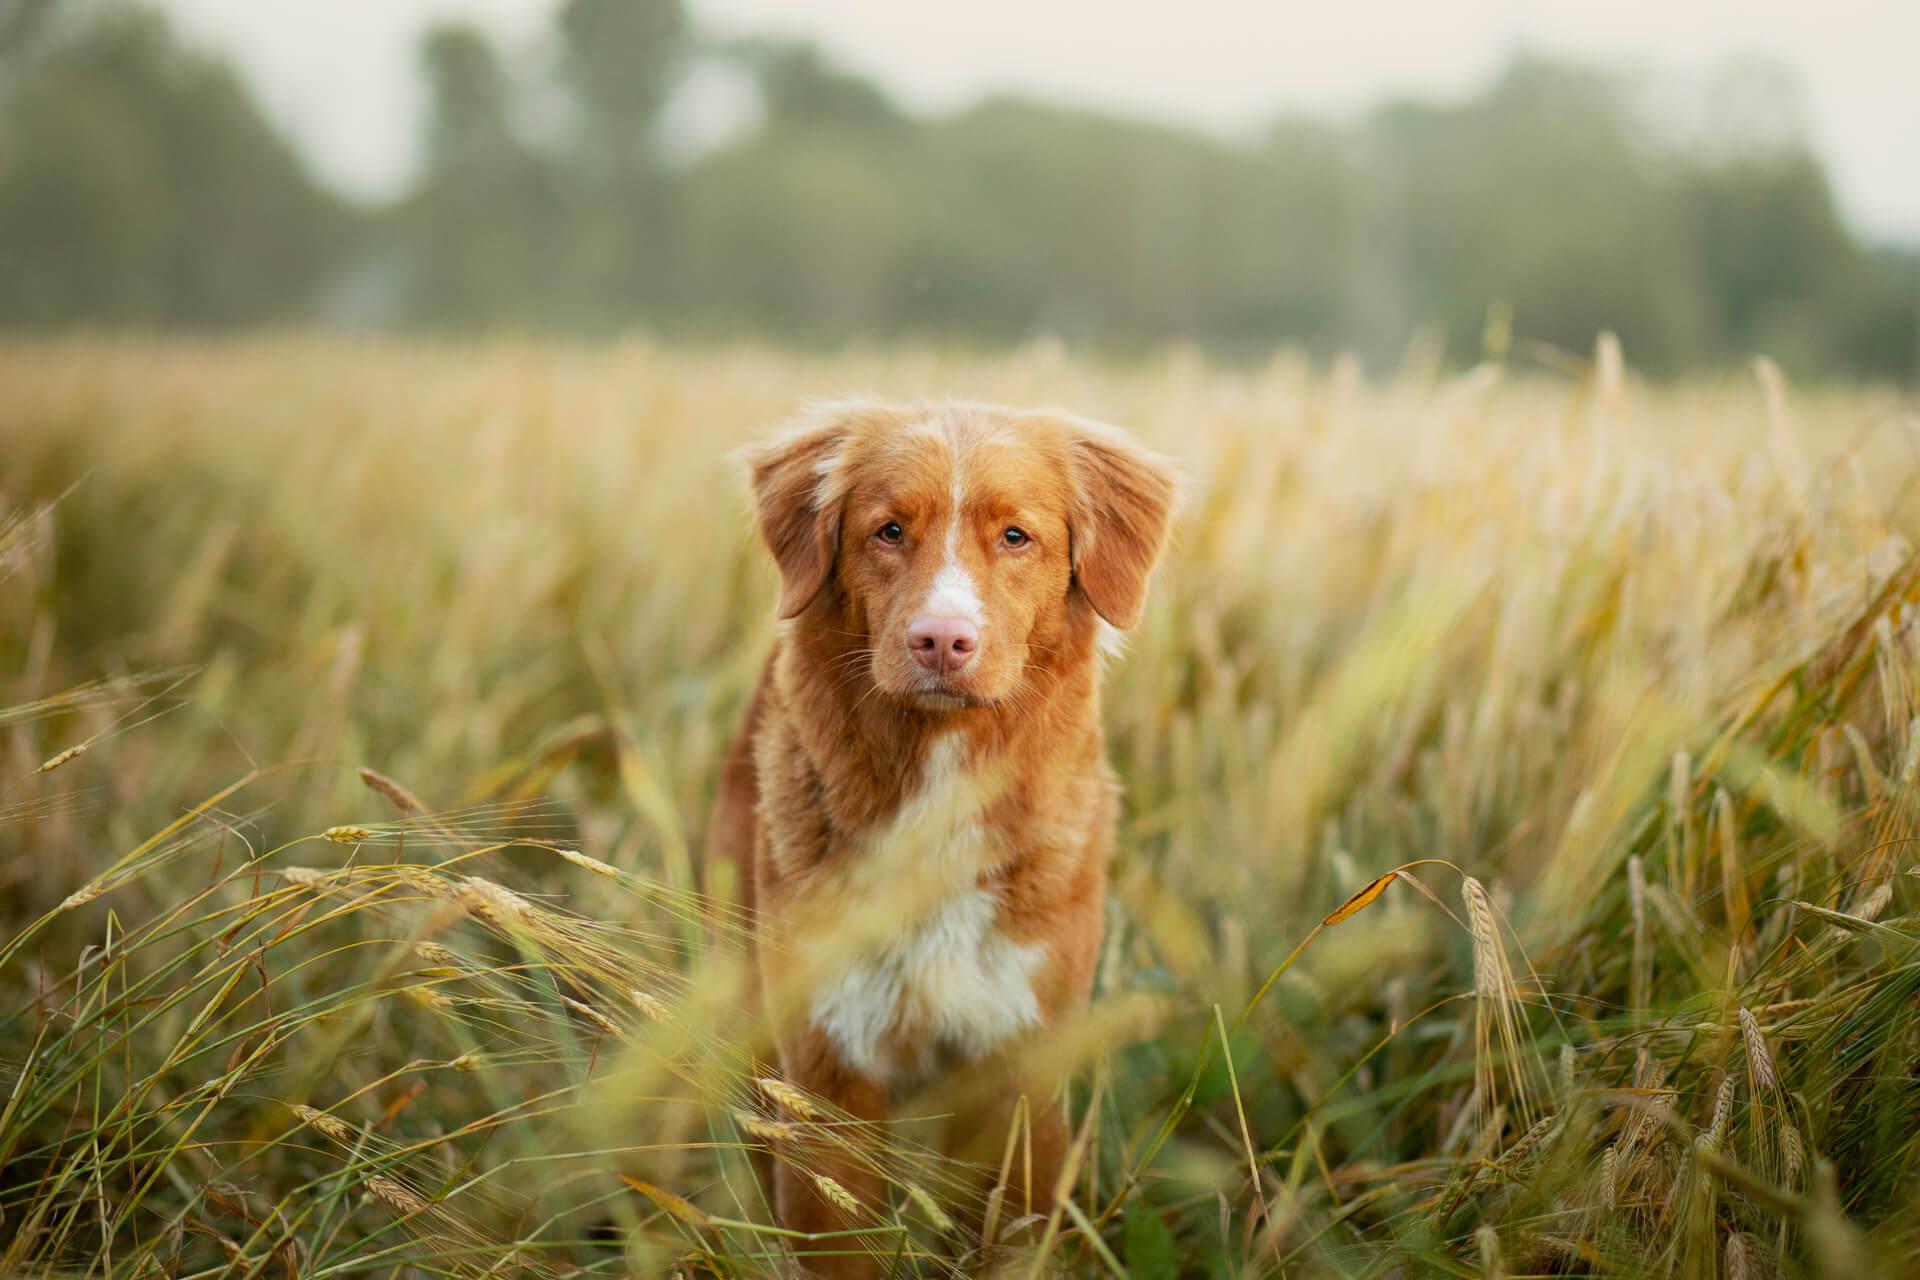 Granne & Hund: Die unscheinbare Gefahr im Gras